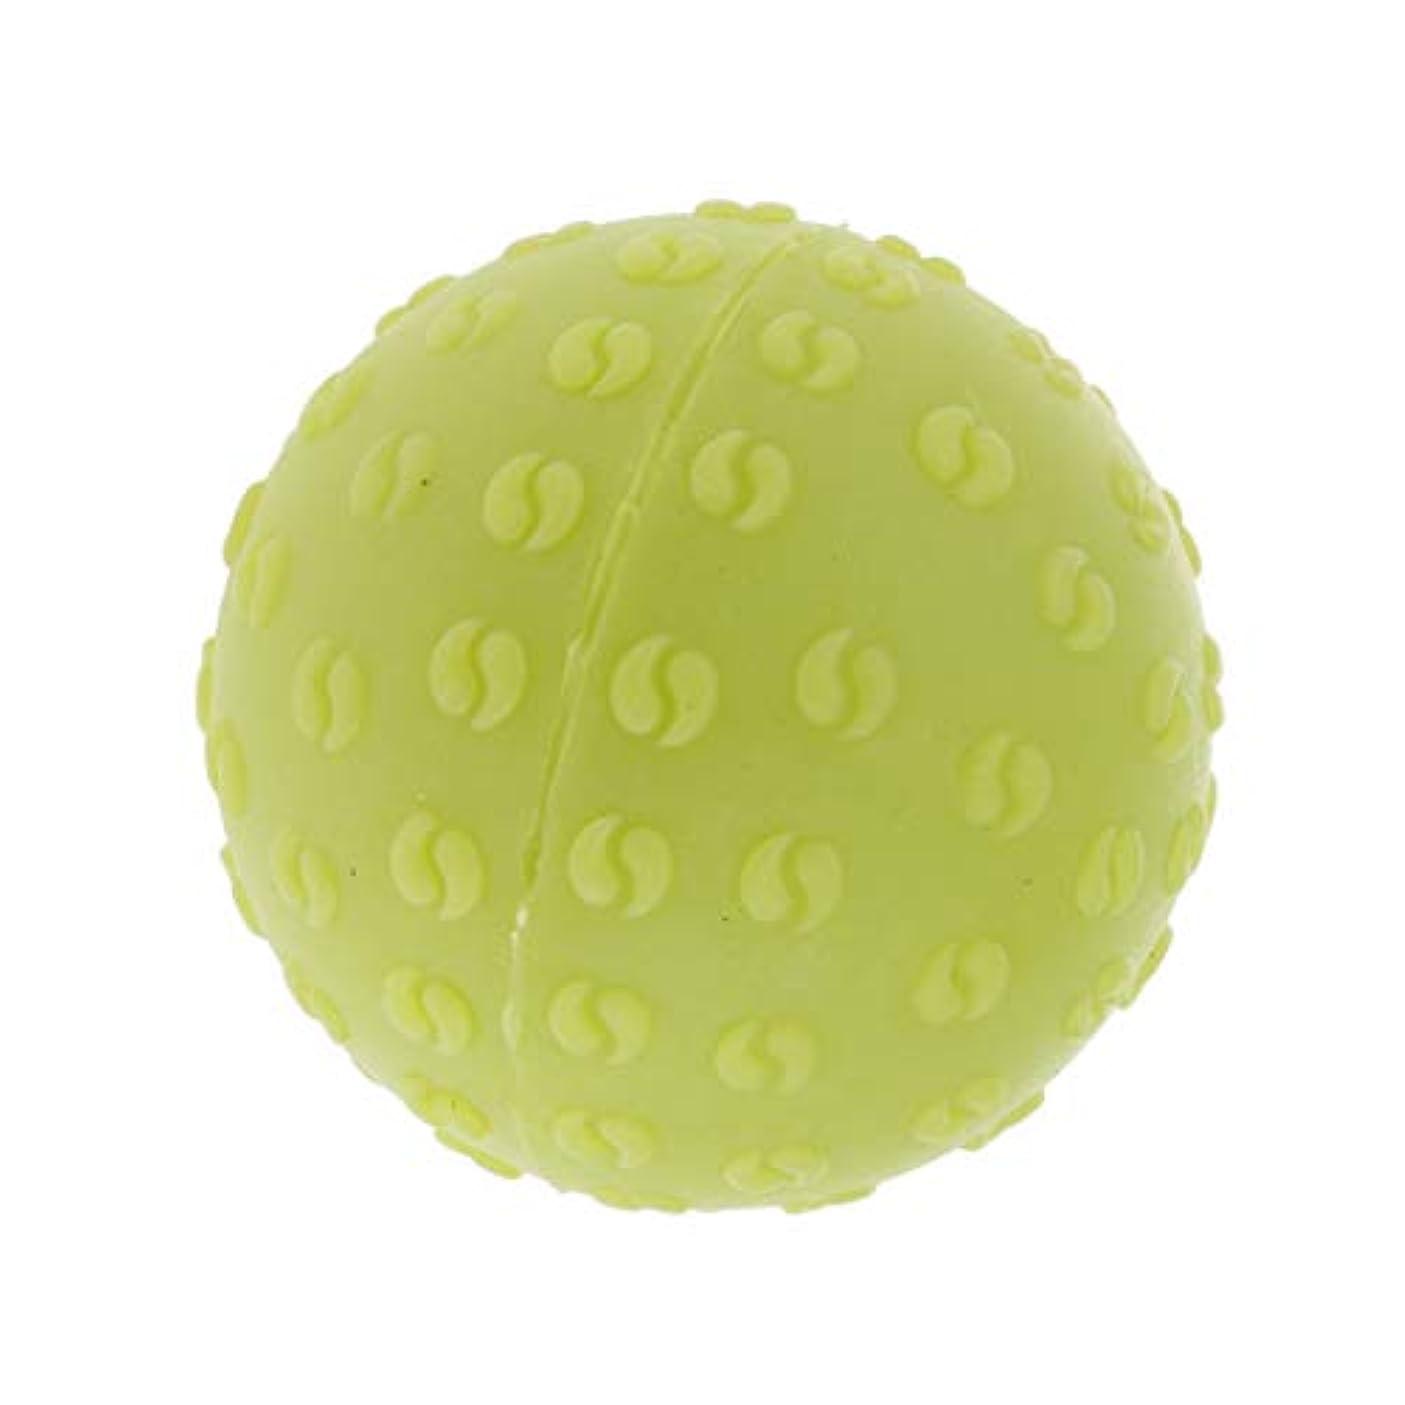 ブラウス生雇った全6色 マッサージボール 指圧ボール シリコーン トリガーポイント 足底筋膜炎 ヨガ 耐油性 快適 - 緑, 説明のとおり